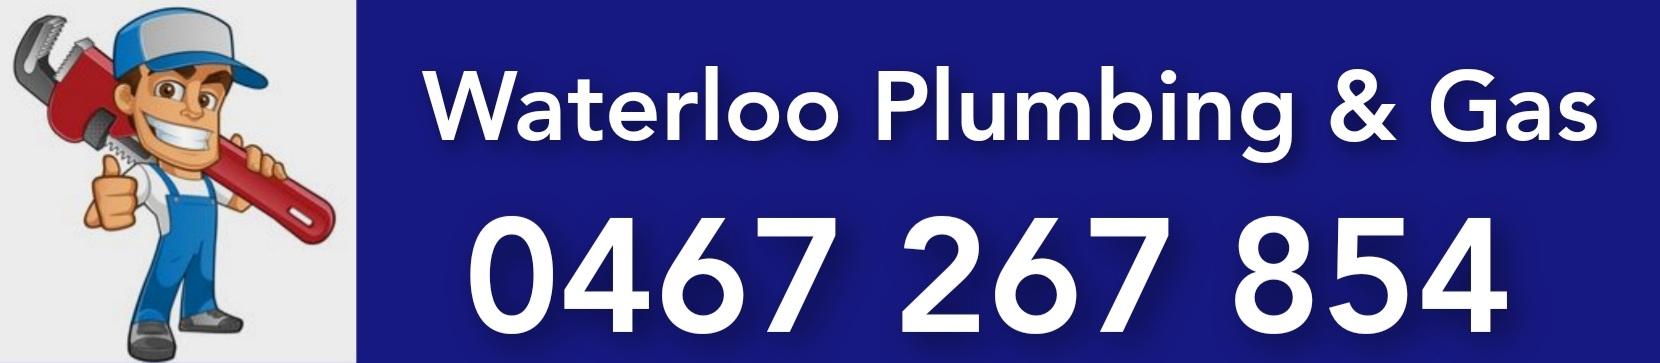 Waterloo Plumbing